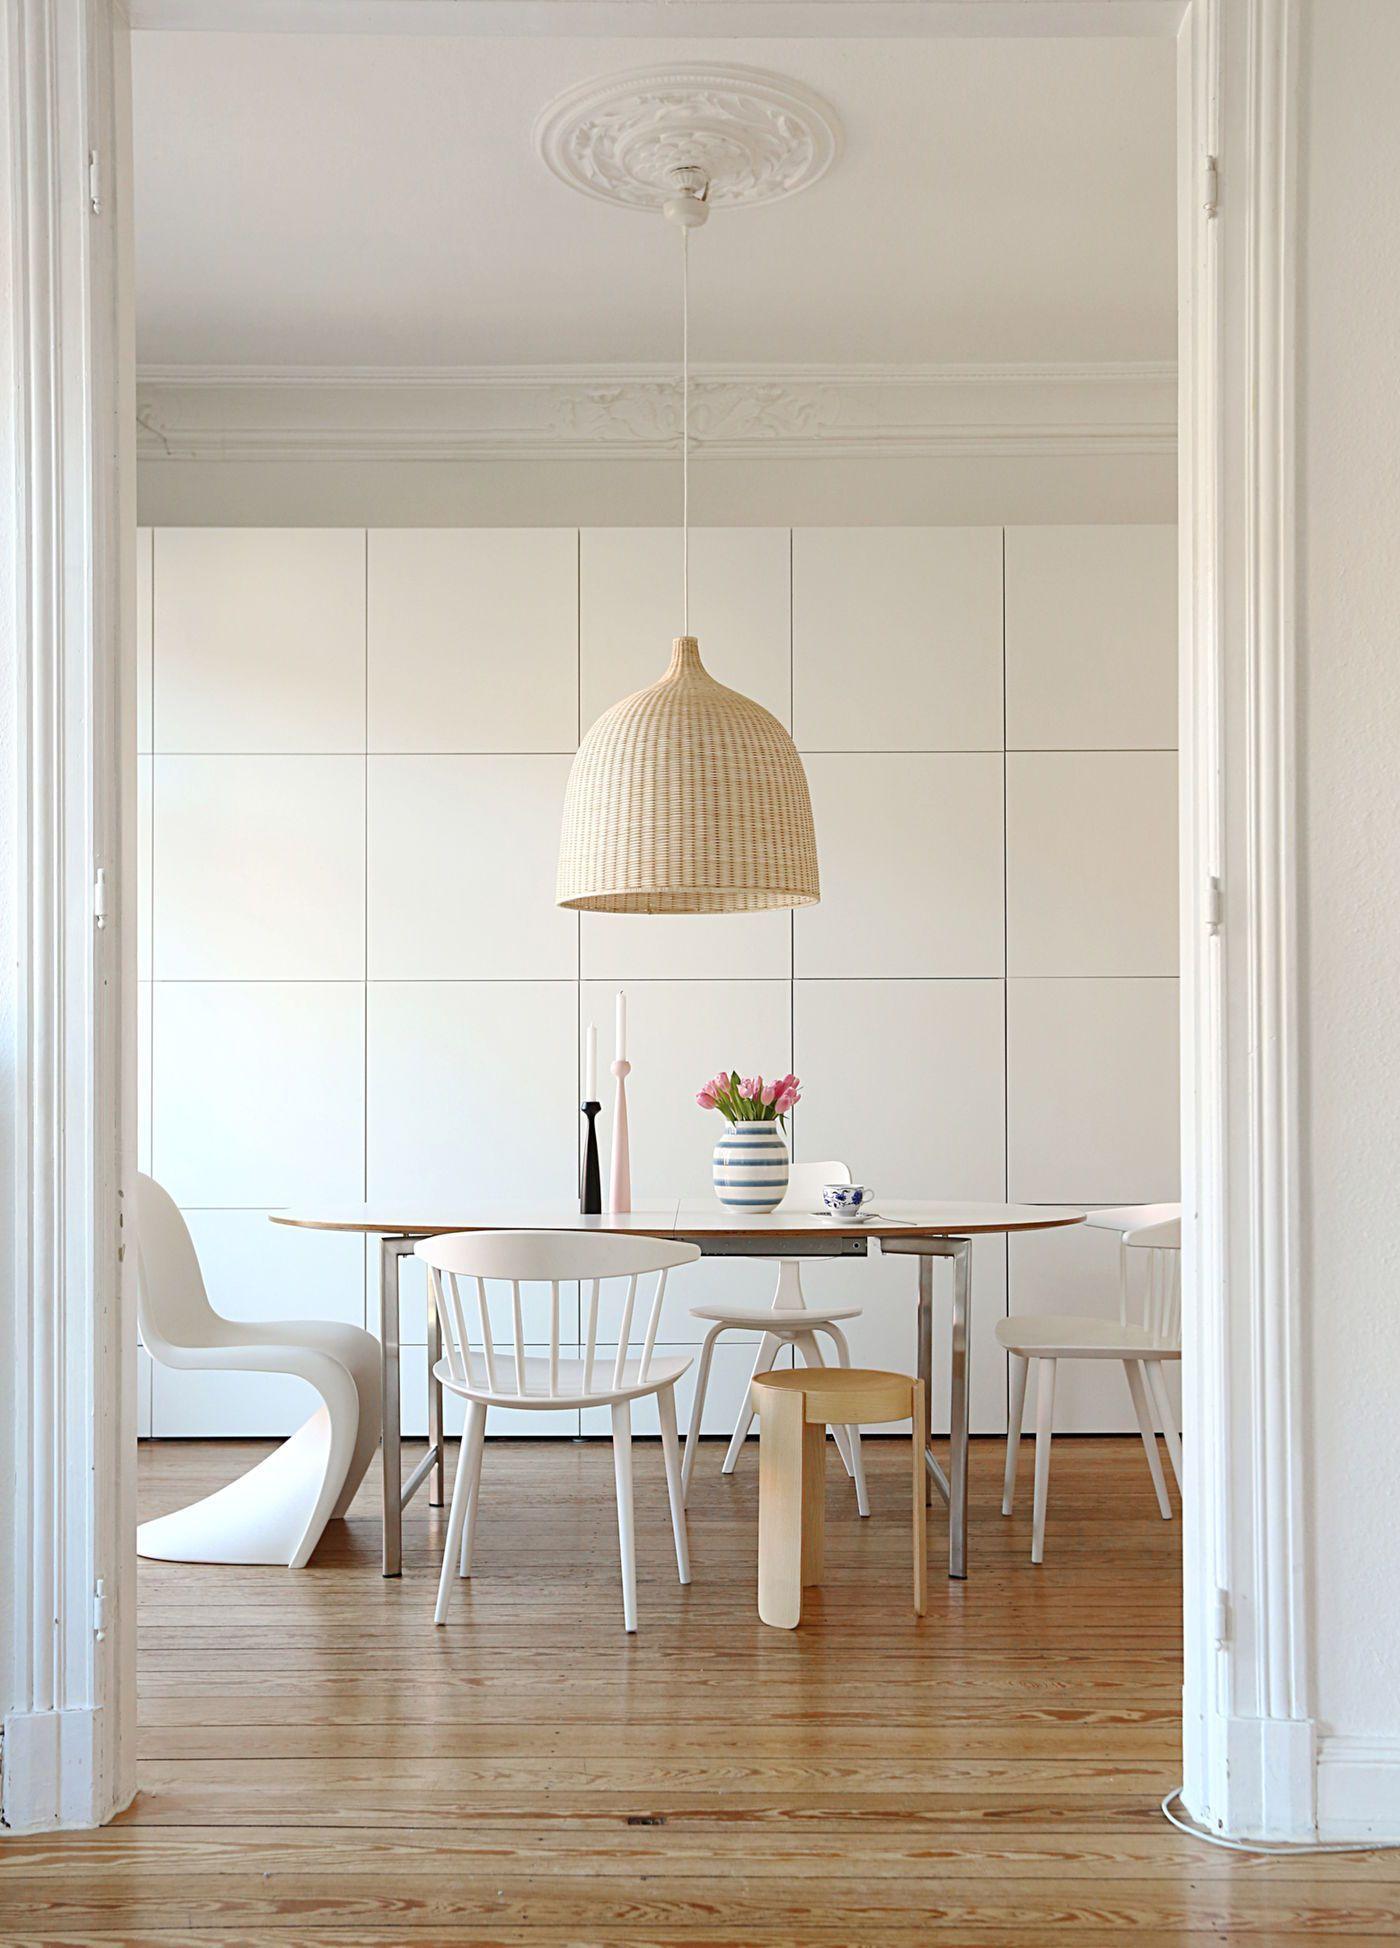 Die Schonsten Ideen Mit Dem Ikea Besta System Wohnen Aufbewahrung Wohnzimmer Und Einrichtungsideen